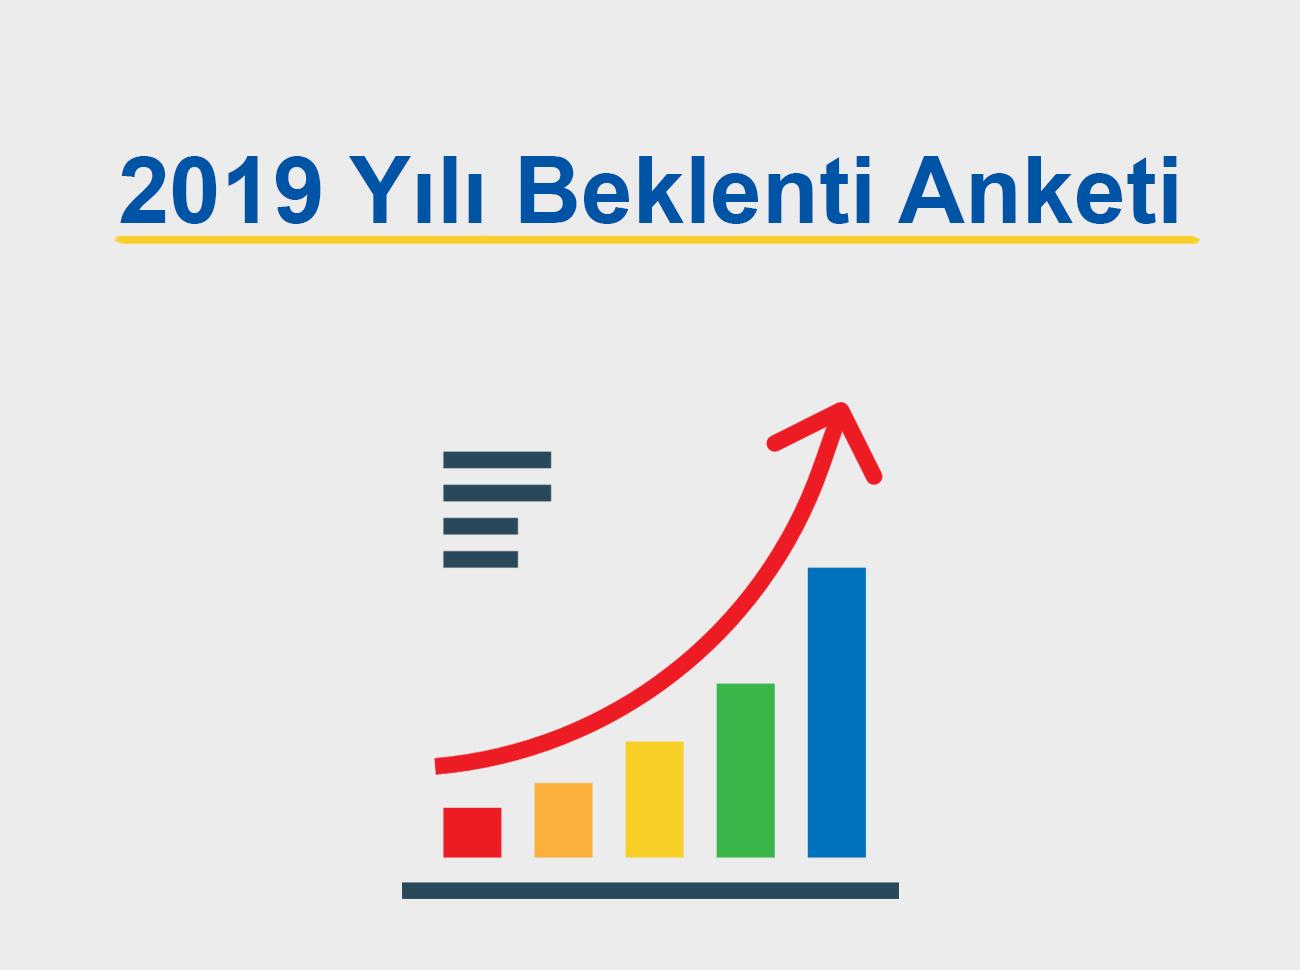 2019 Yılı Beklenti Anketi Sonuçlandı